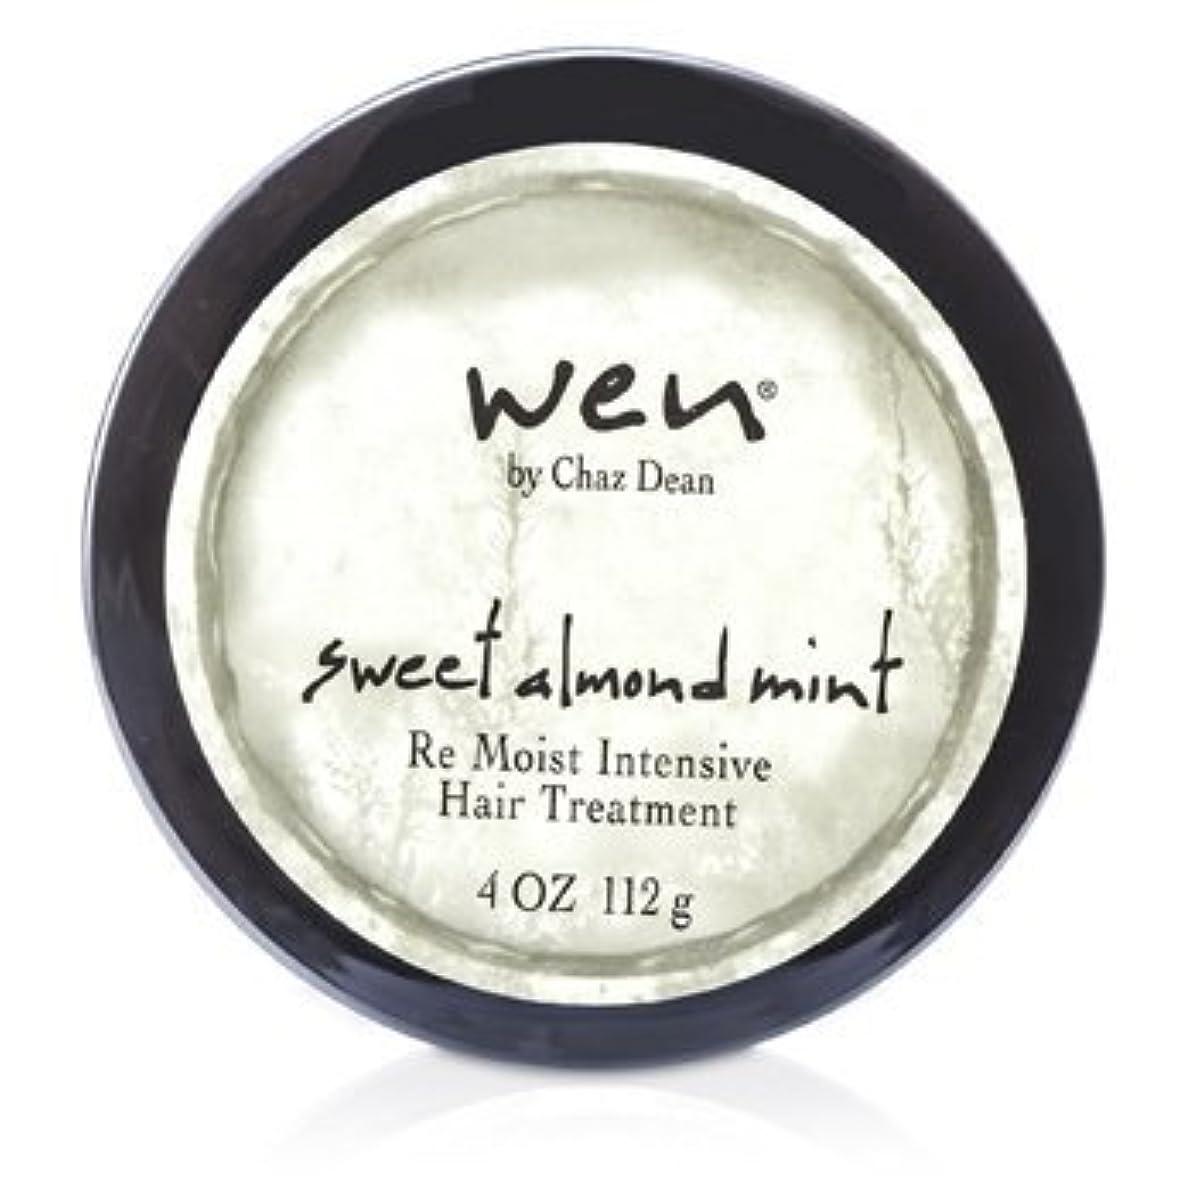 ボスリズムオリエンタルWEN Re Moist Intensive Hair Treatment 112g sweet almond mint [並行輸入品]